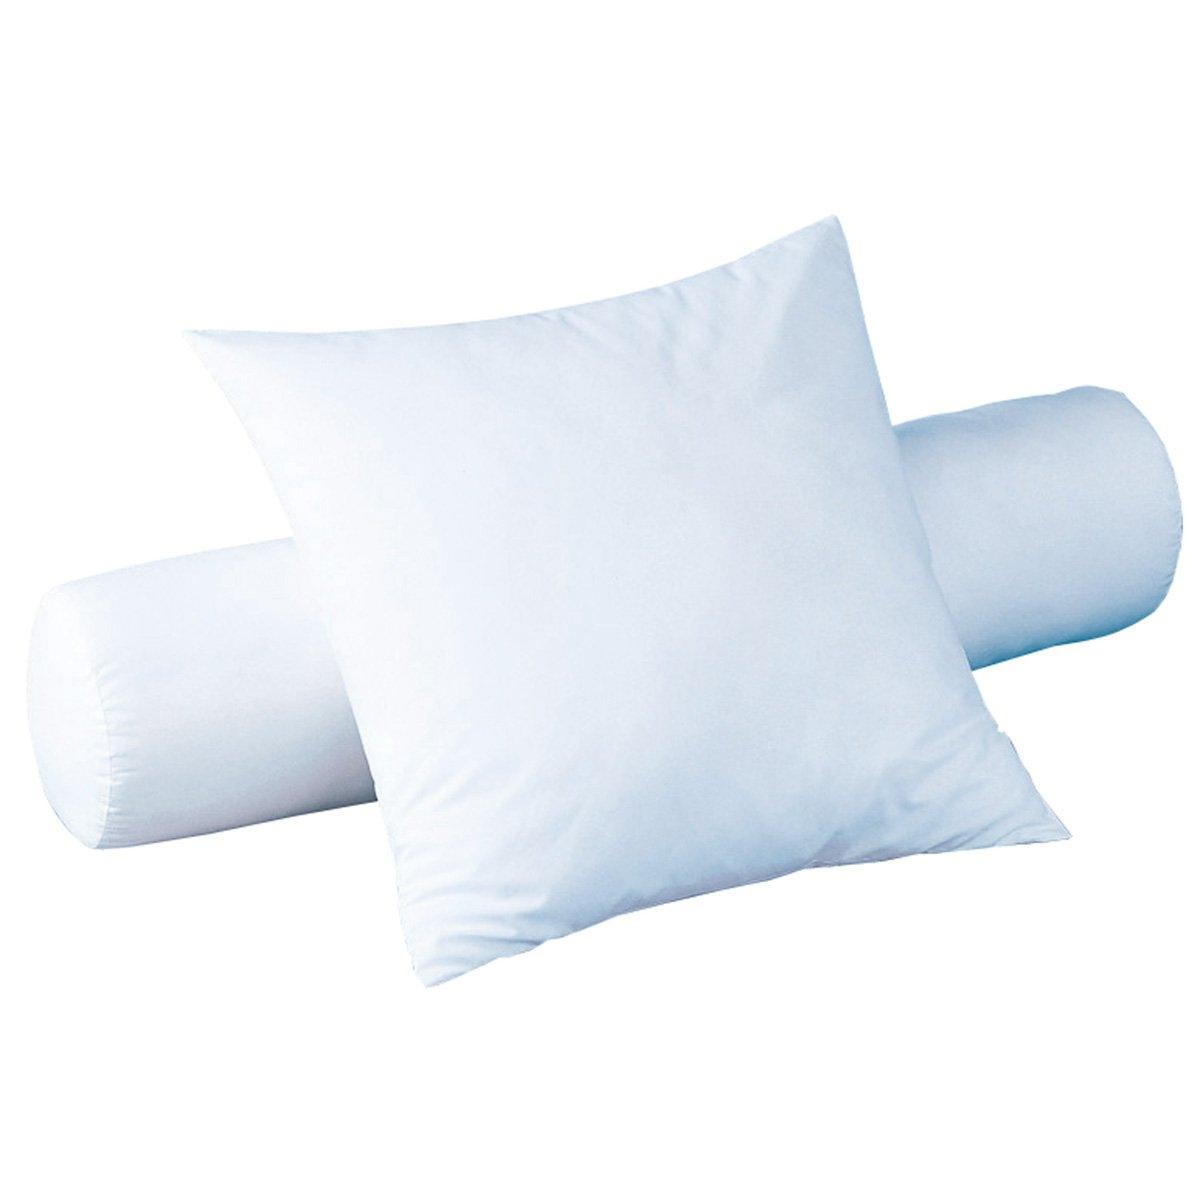 Валик из синтетикиКоллекция PRATIQUE от R?VERIE. Наполнитель: полые силиконизированные волокна полиэстера принимают форму головы для максимального комфорта. Чехол из микрофибры, 100% полиэстера. Практично: стирка при 95° для идеальной гигиены. Размеры в см.<br><br>Цвет: белый